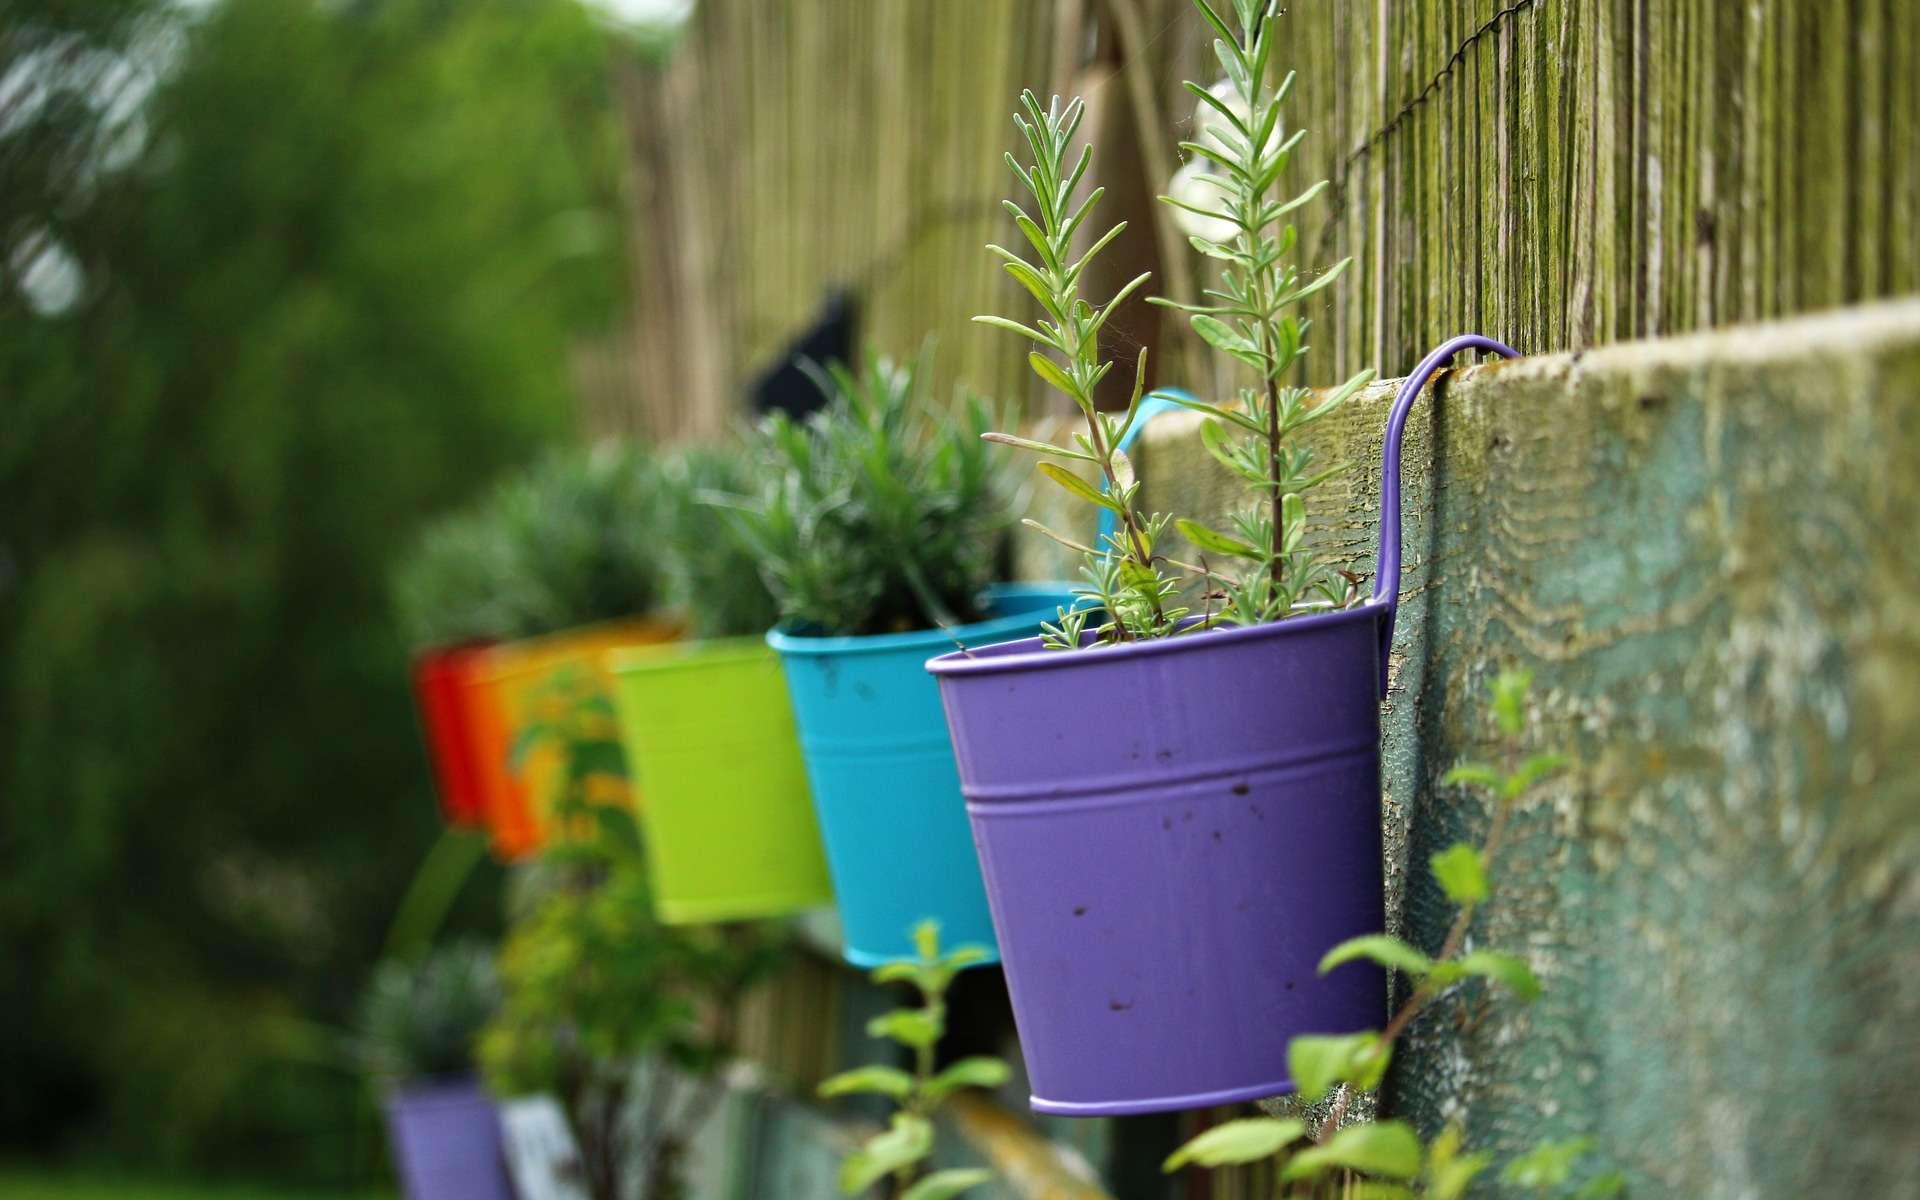 Planter Herbes Aromatiques Jardiniere 9 plantes médicinales à cultiver chez soi